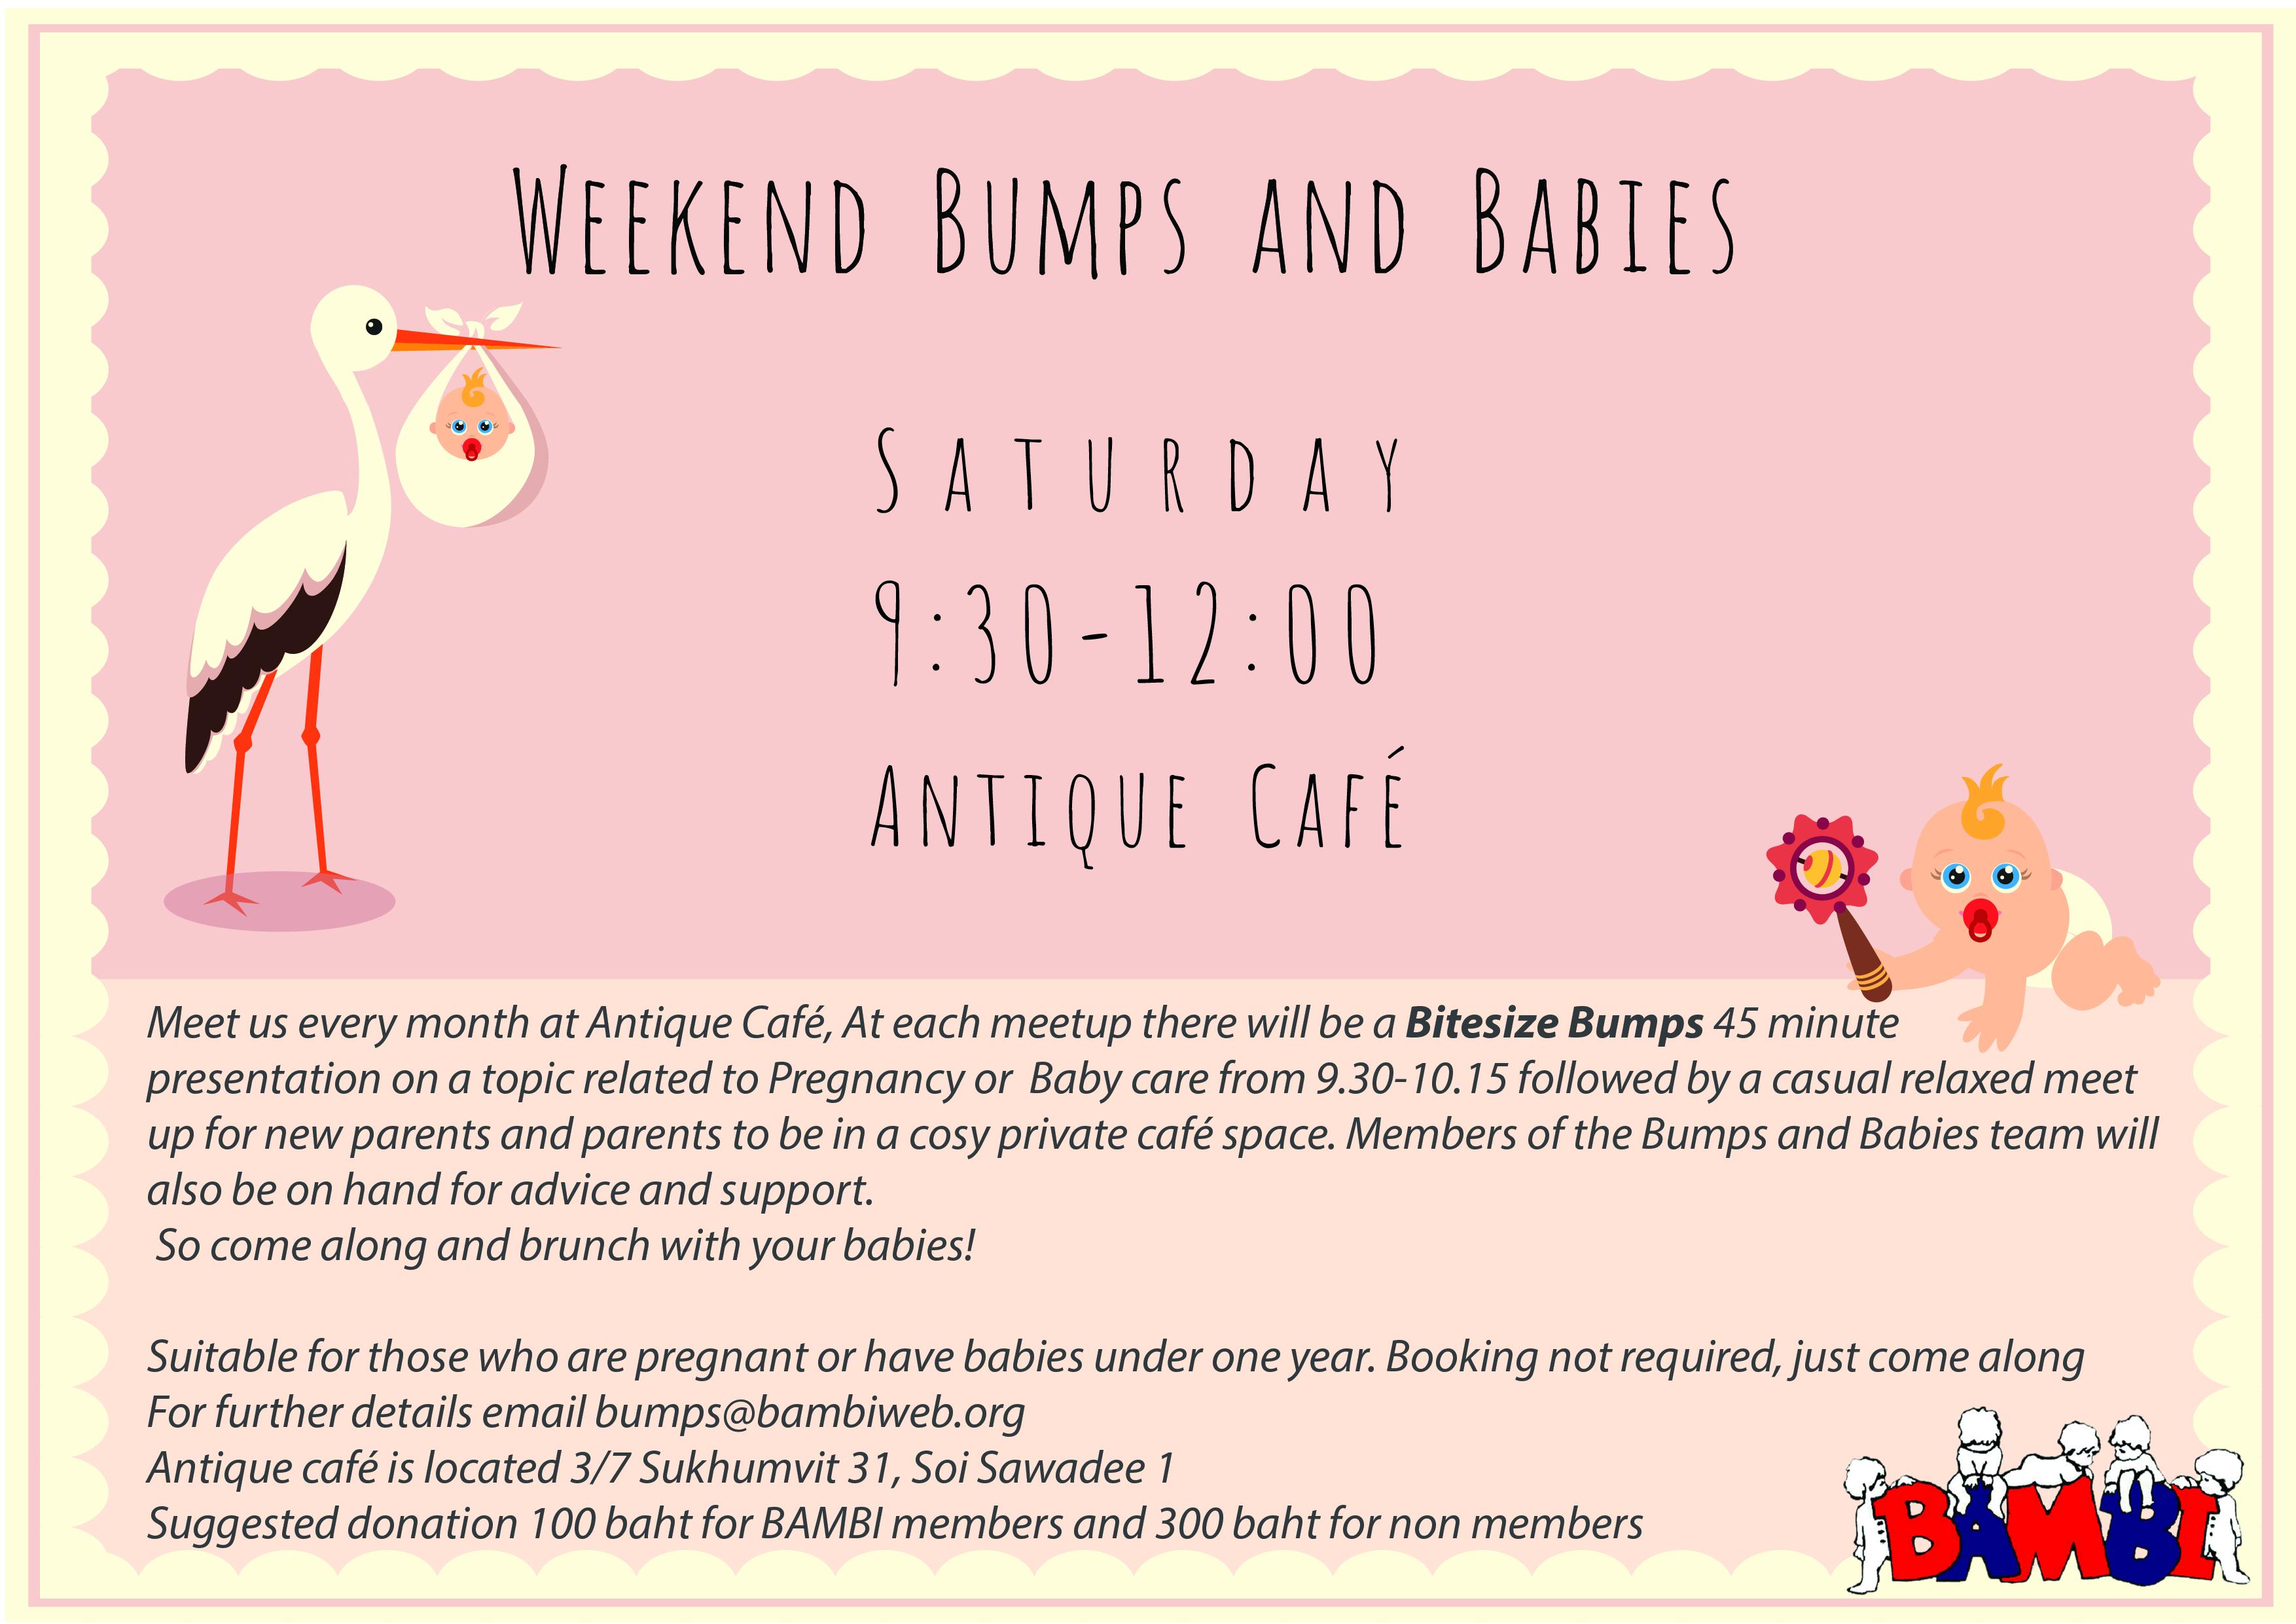 Weekend Bumps & Babies